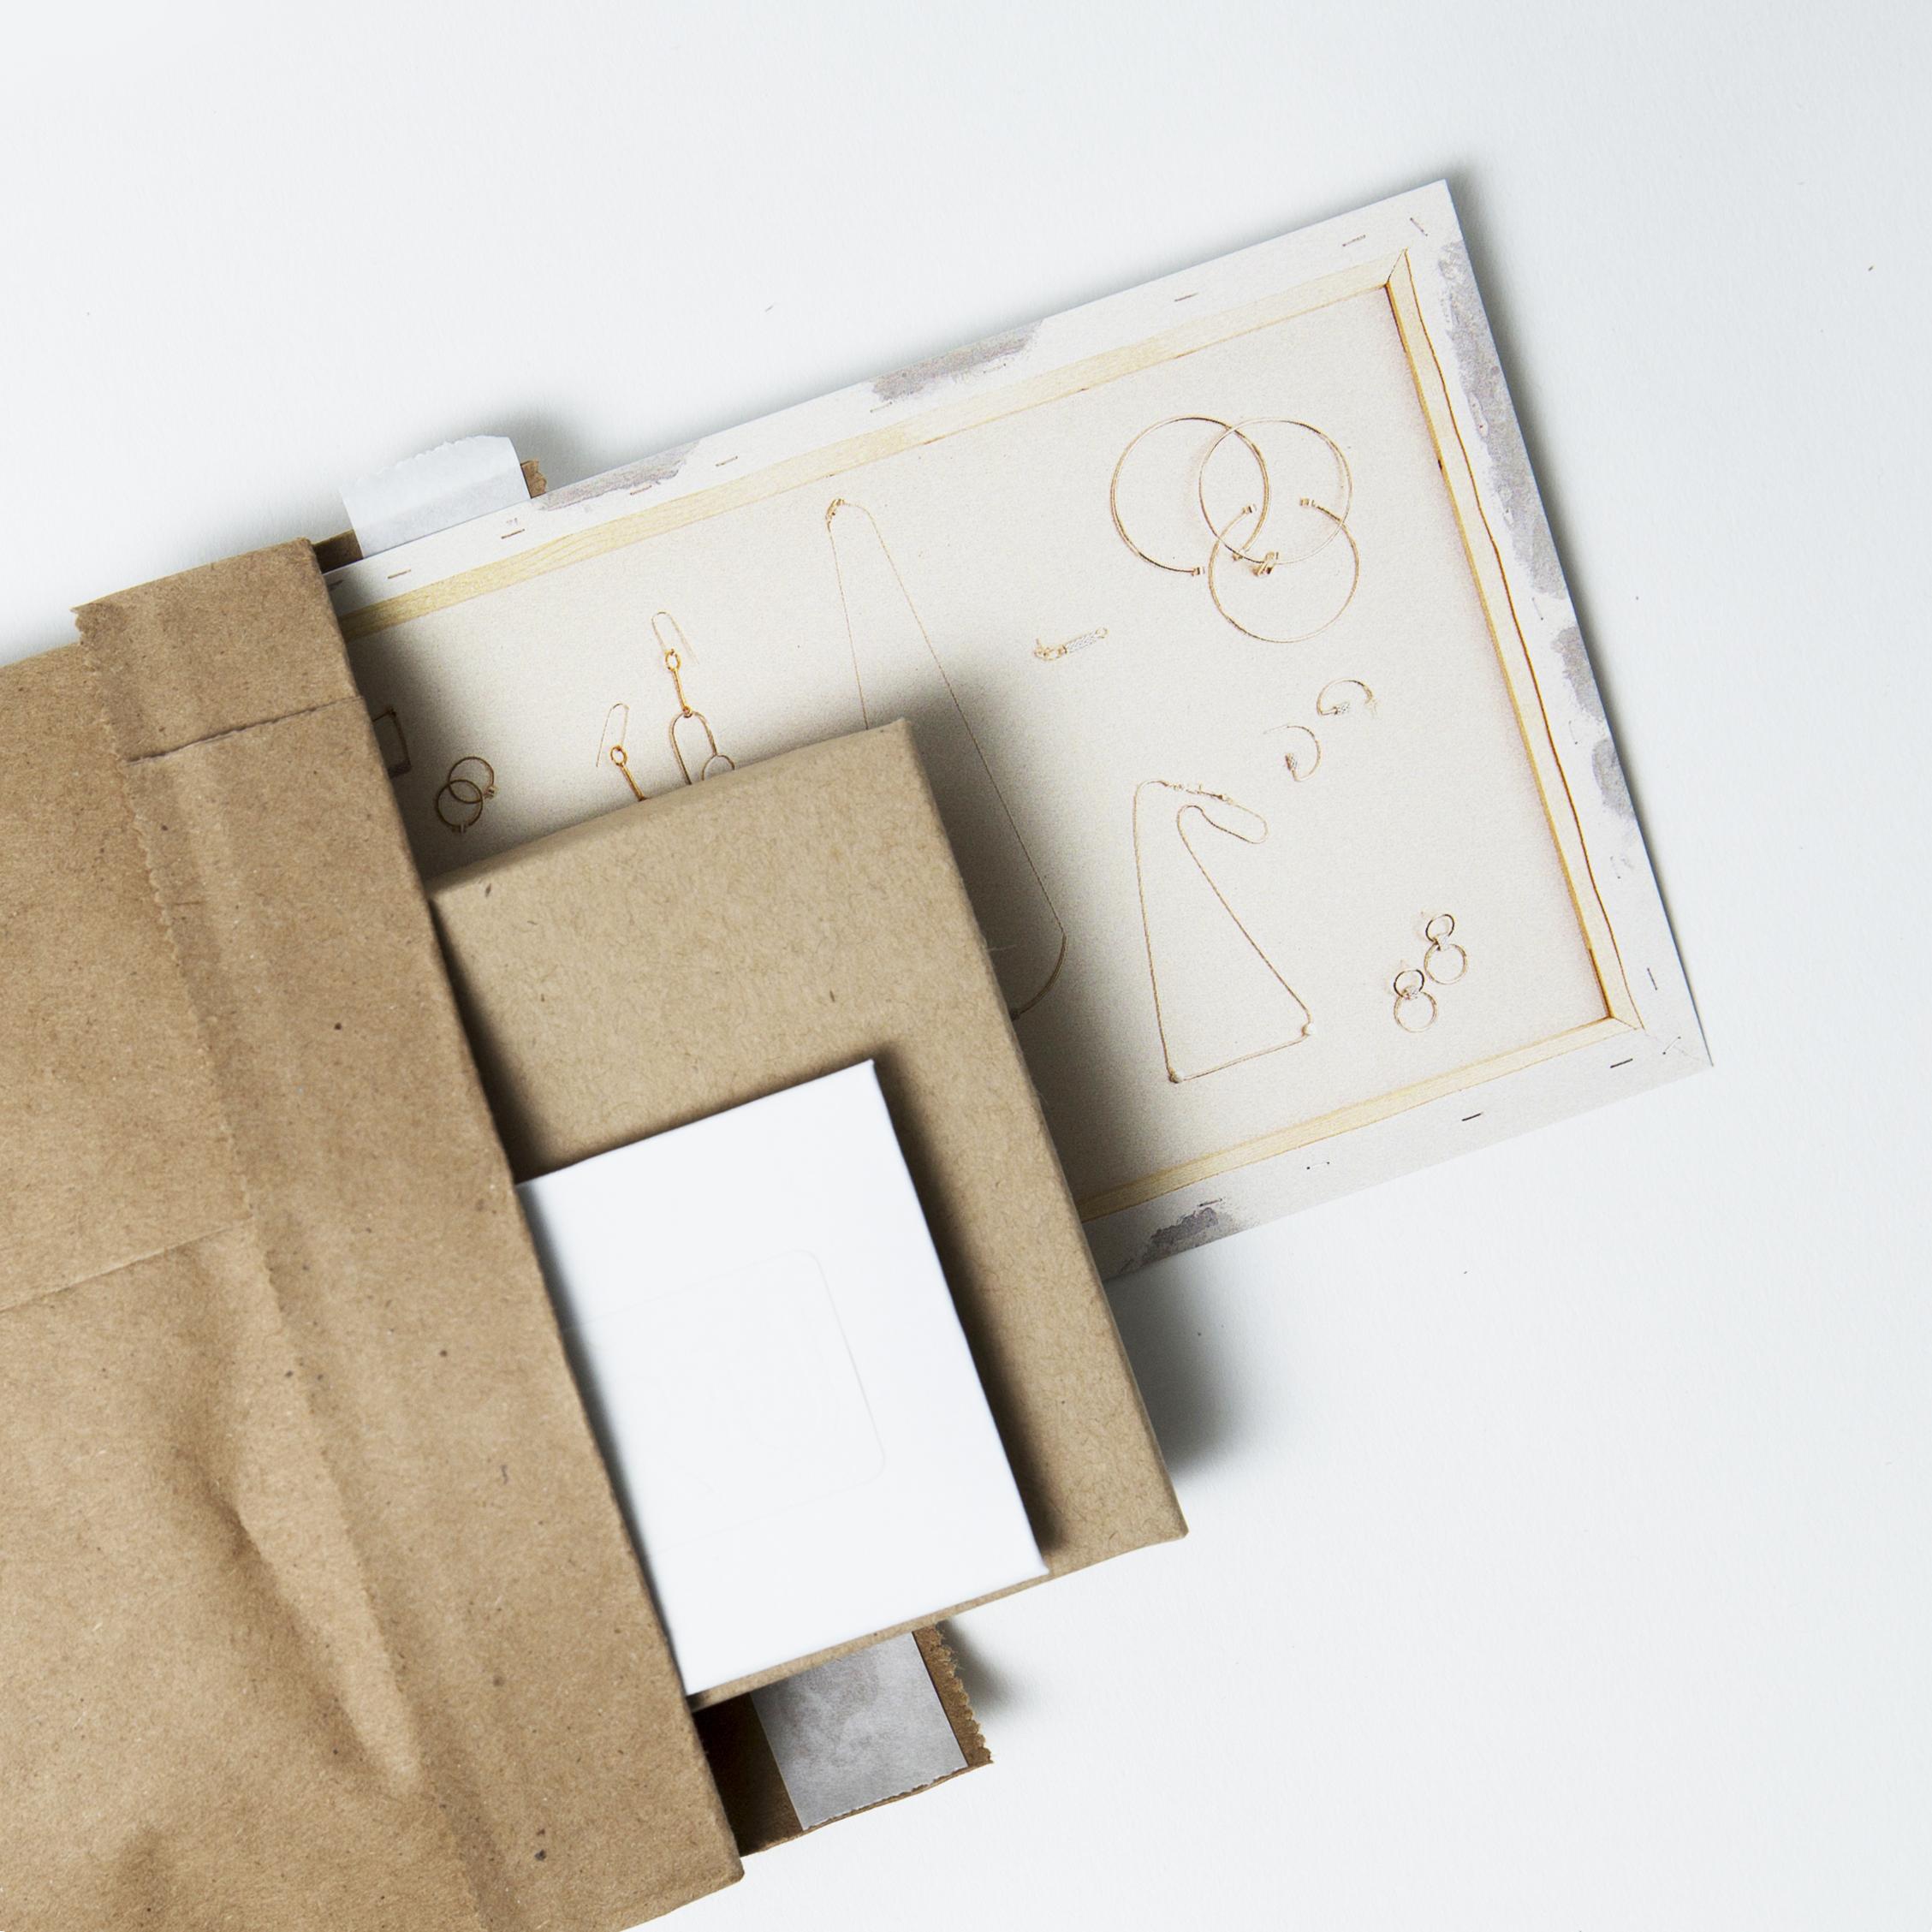 packaging3 copy.jpg